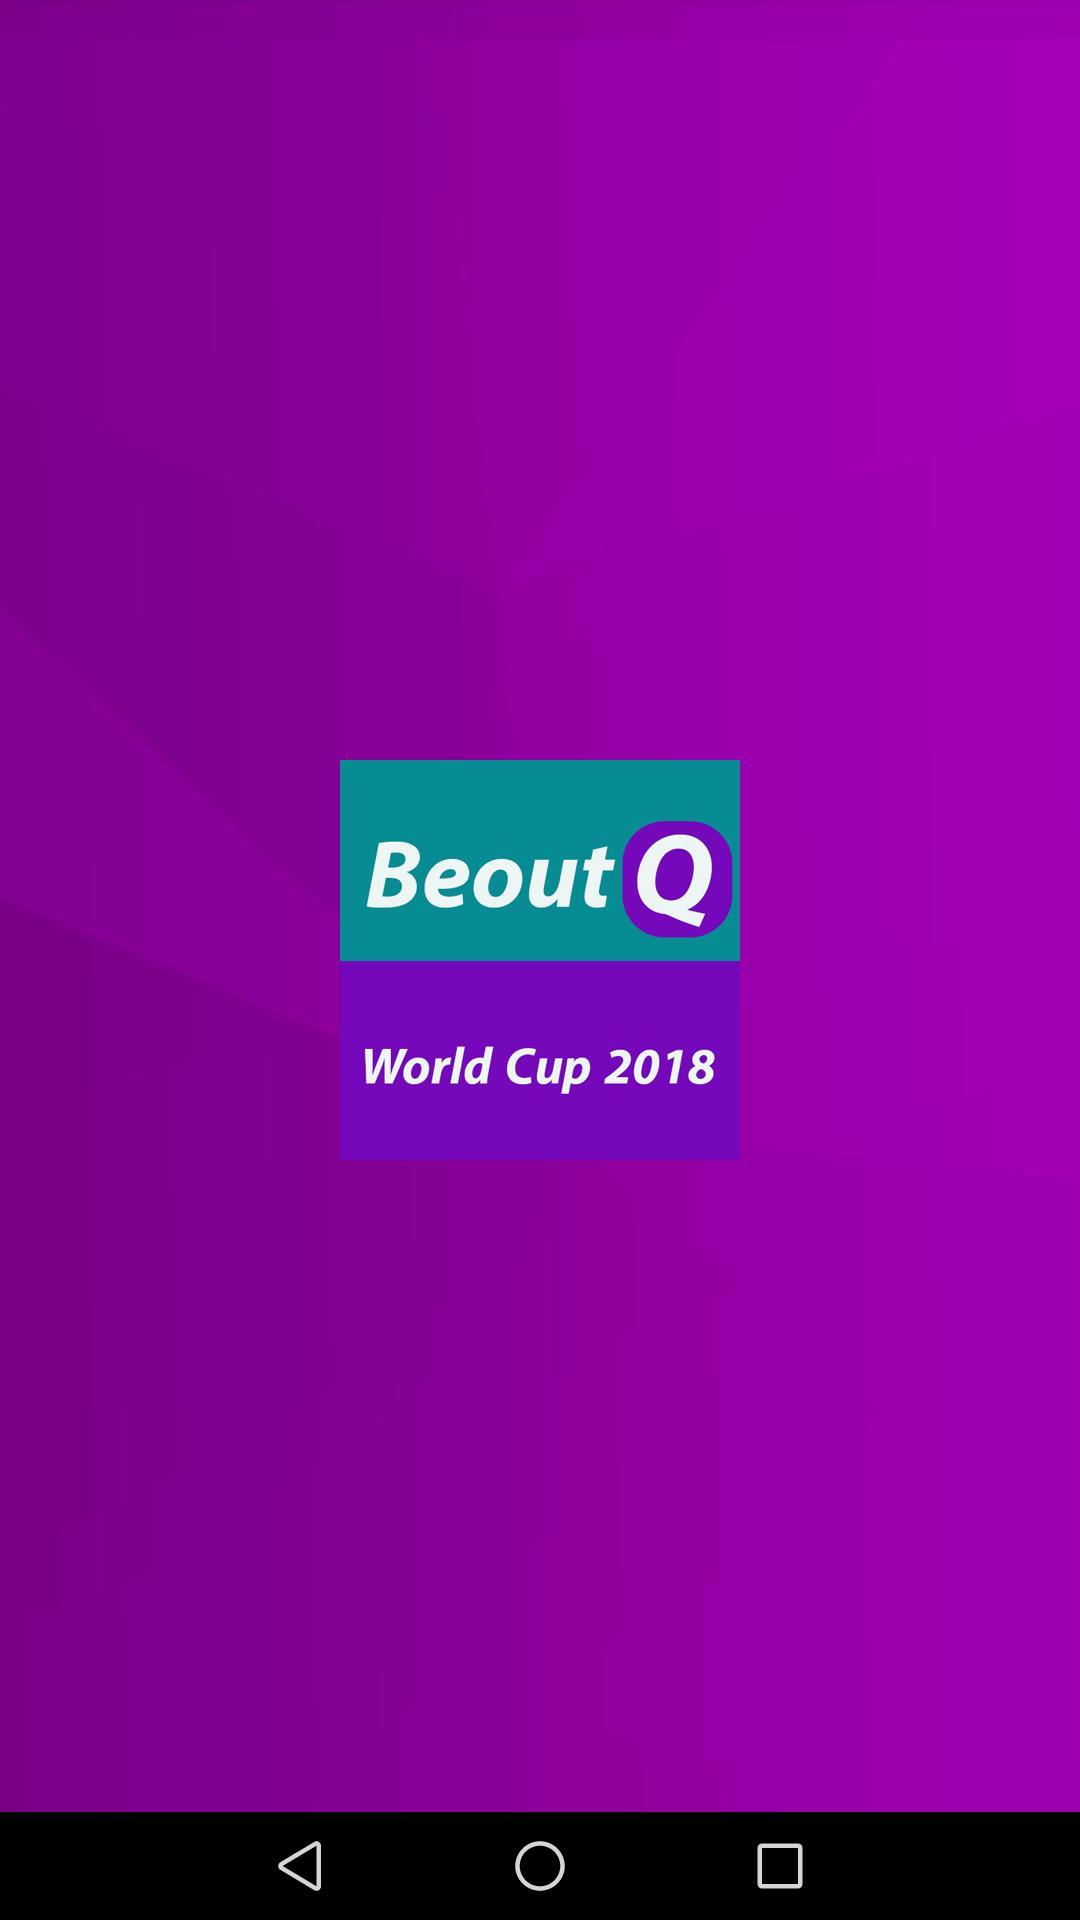 BEOUTQ 2018 TÉLÉCHARGER WORLD CUP